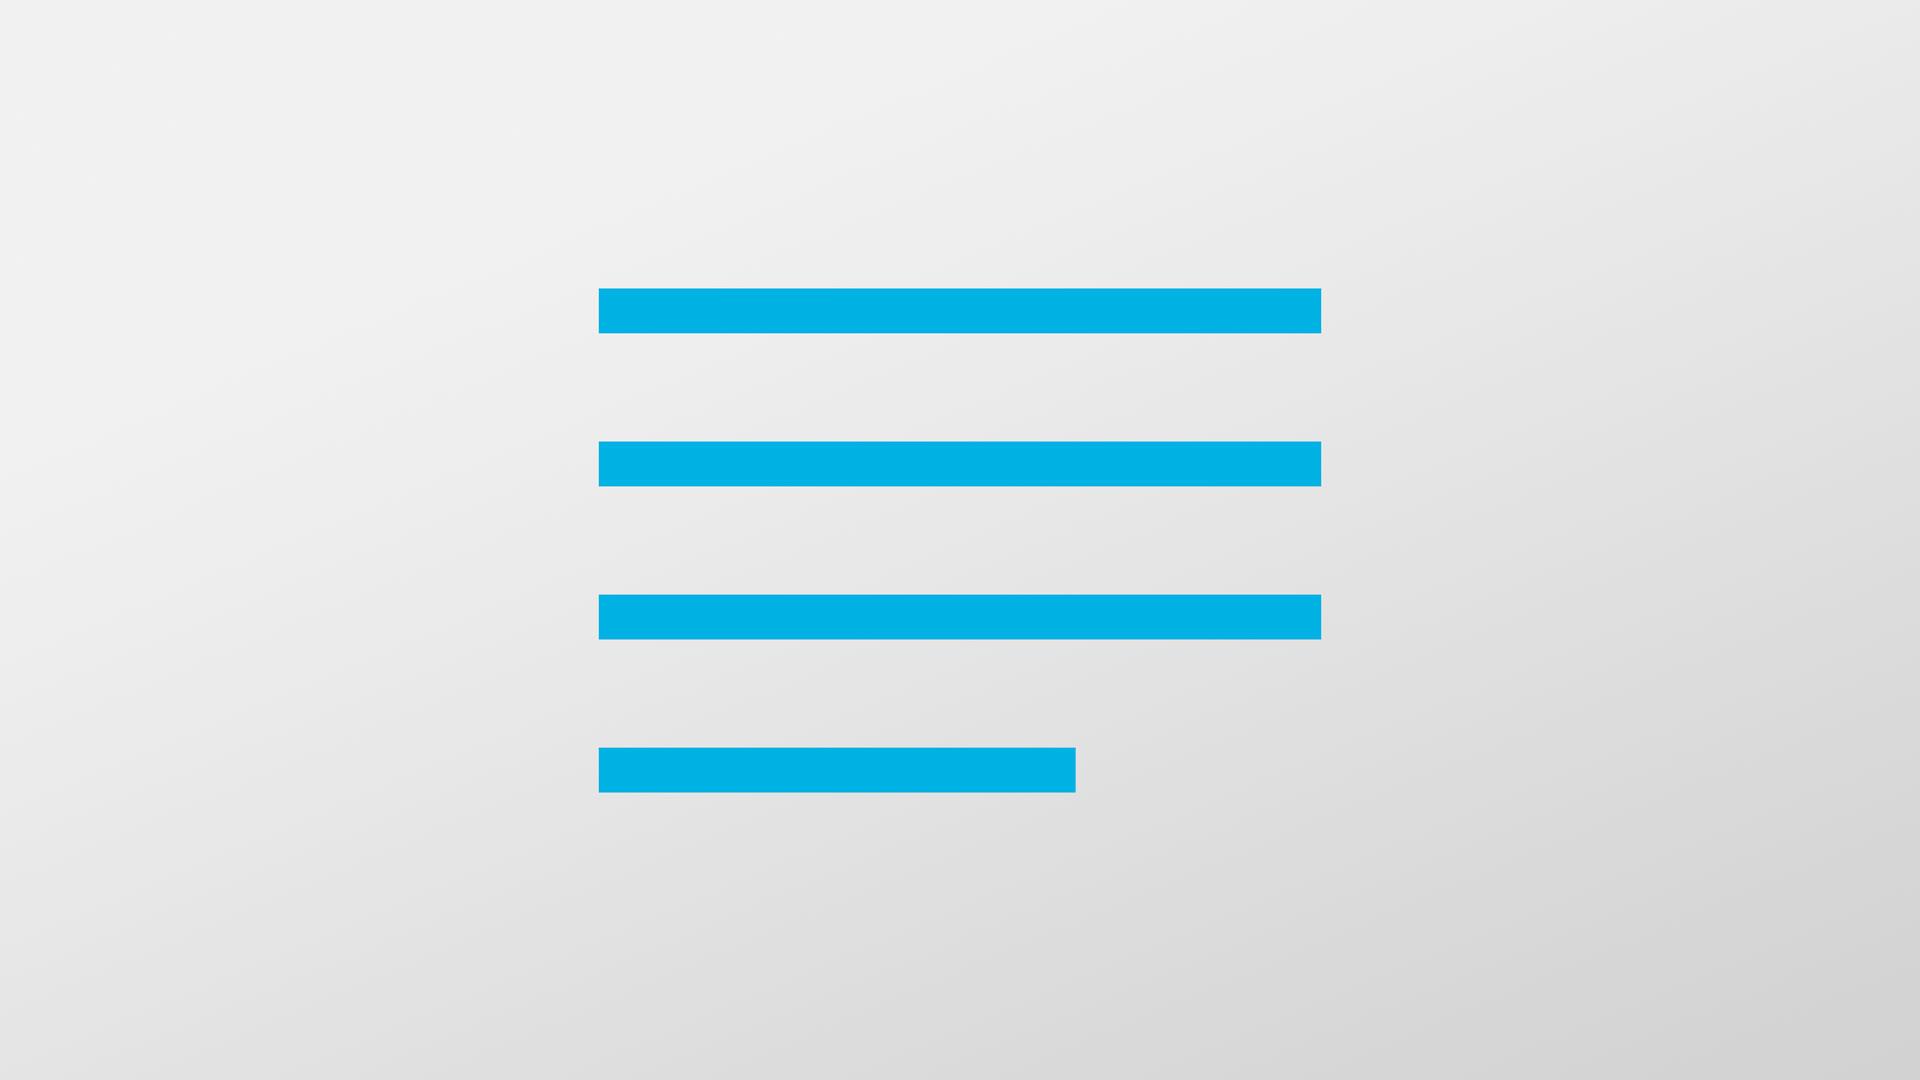 Fire blå streker som skal symbolisere tekst. Illustrasjon.